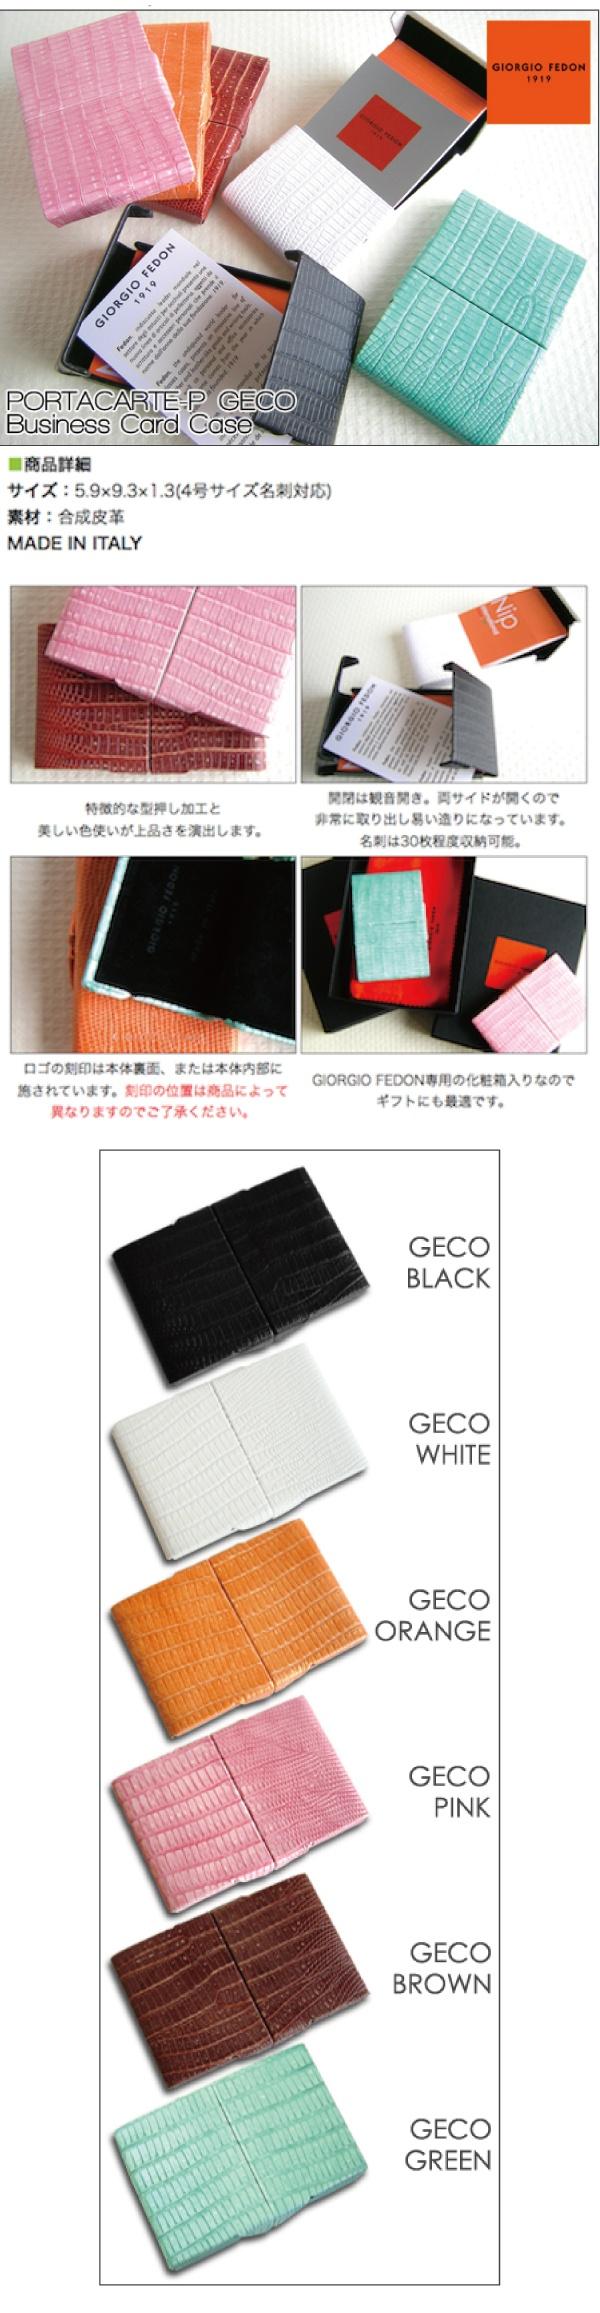 【GIORGIO FEDON】 ジョルジオフェドン 名刺ホルダーS GECOシリーズ (名刺入れ カードケース)